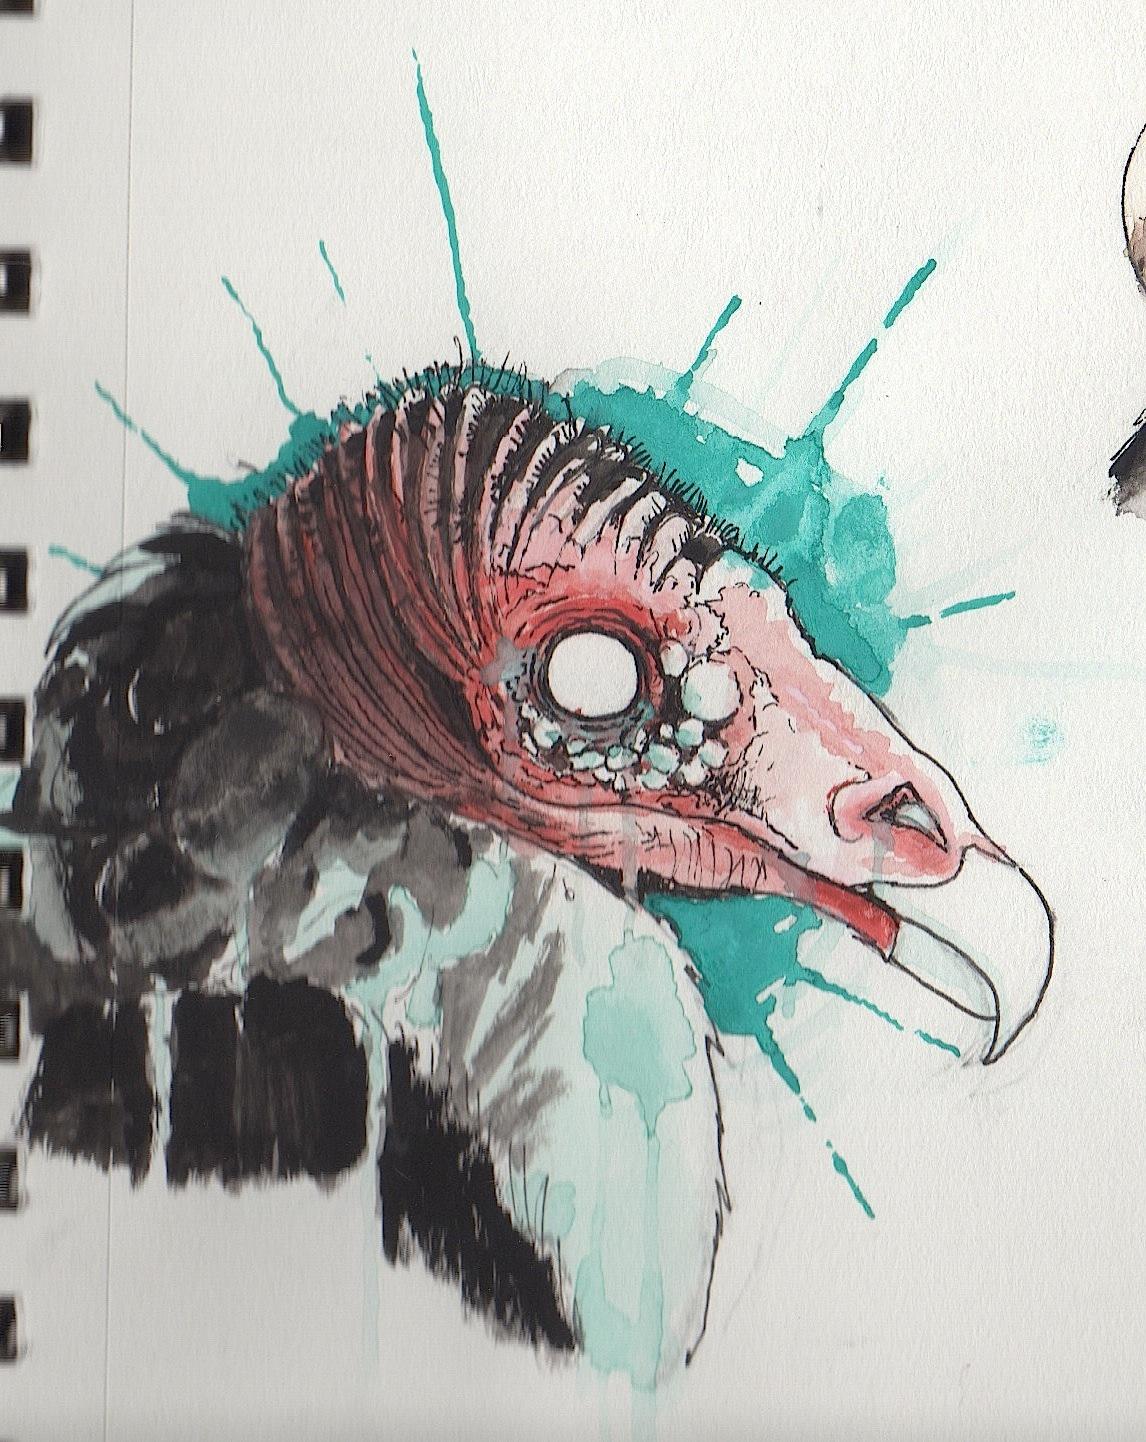 [Image: vulture_by_zemie-d8zdjn1.jpg]